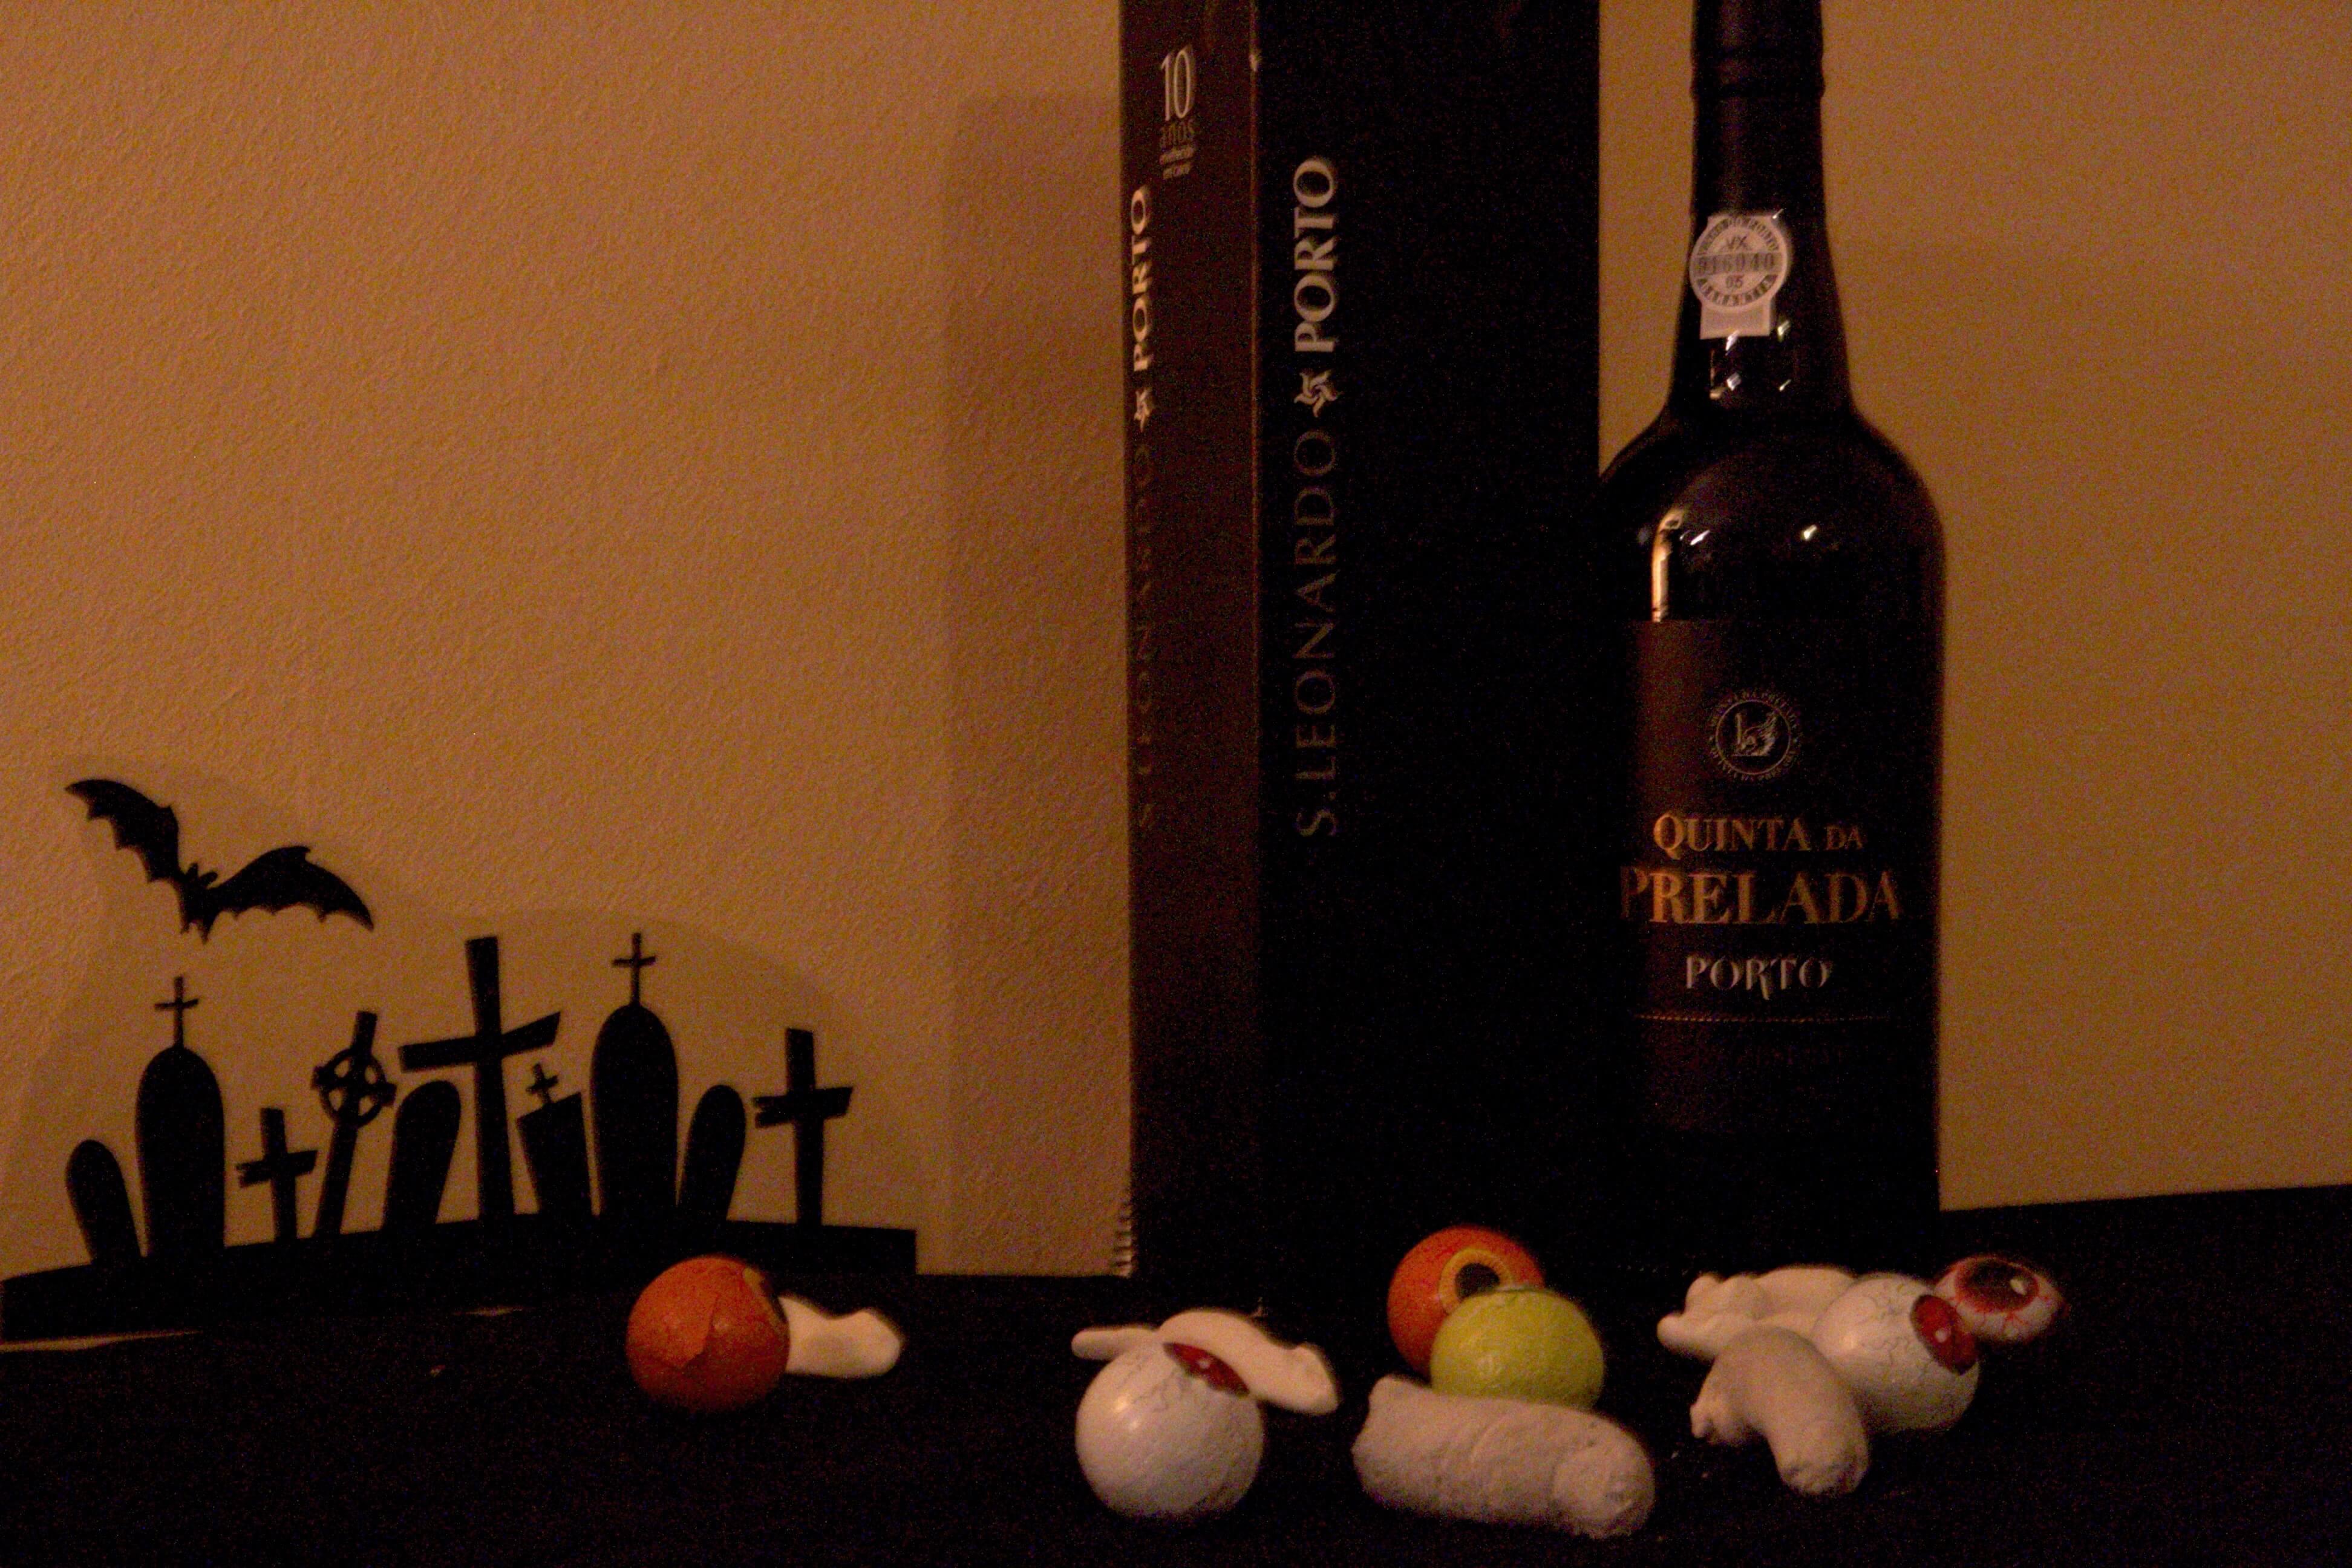 Süßes oder Saures? – Halloween mit Portwein